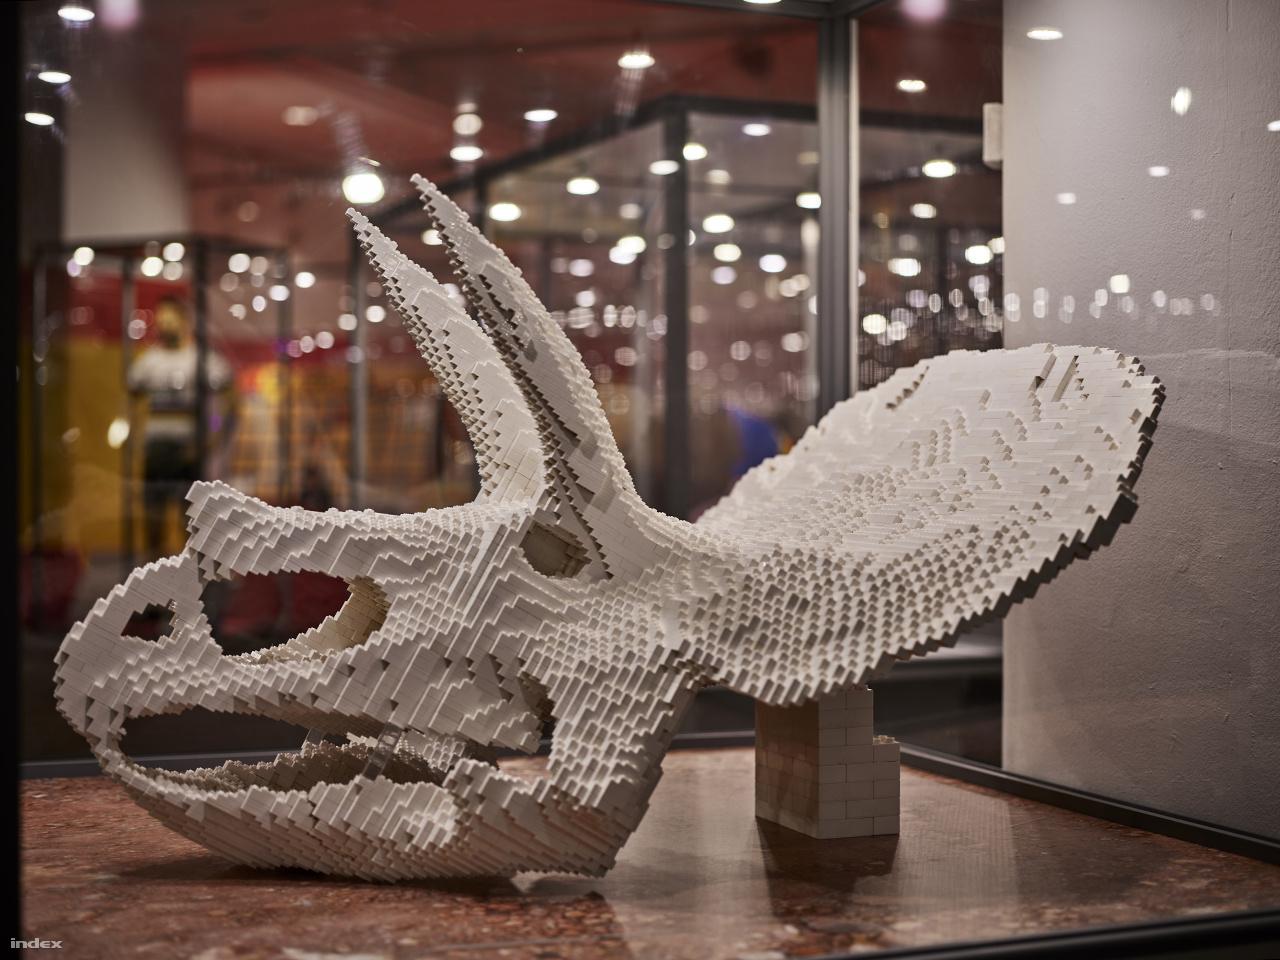 68 millió évvel ezelőtt éltek a földön a triceratopsok. A Kréta-kor nevezetes őshüllőjének Legoból készült koponyáját először 3D-s szoftverrel alkották meg, majd Lego-tervező programmal realizálták a végső építési tervet.